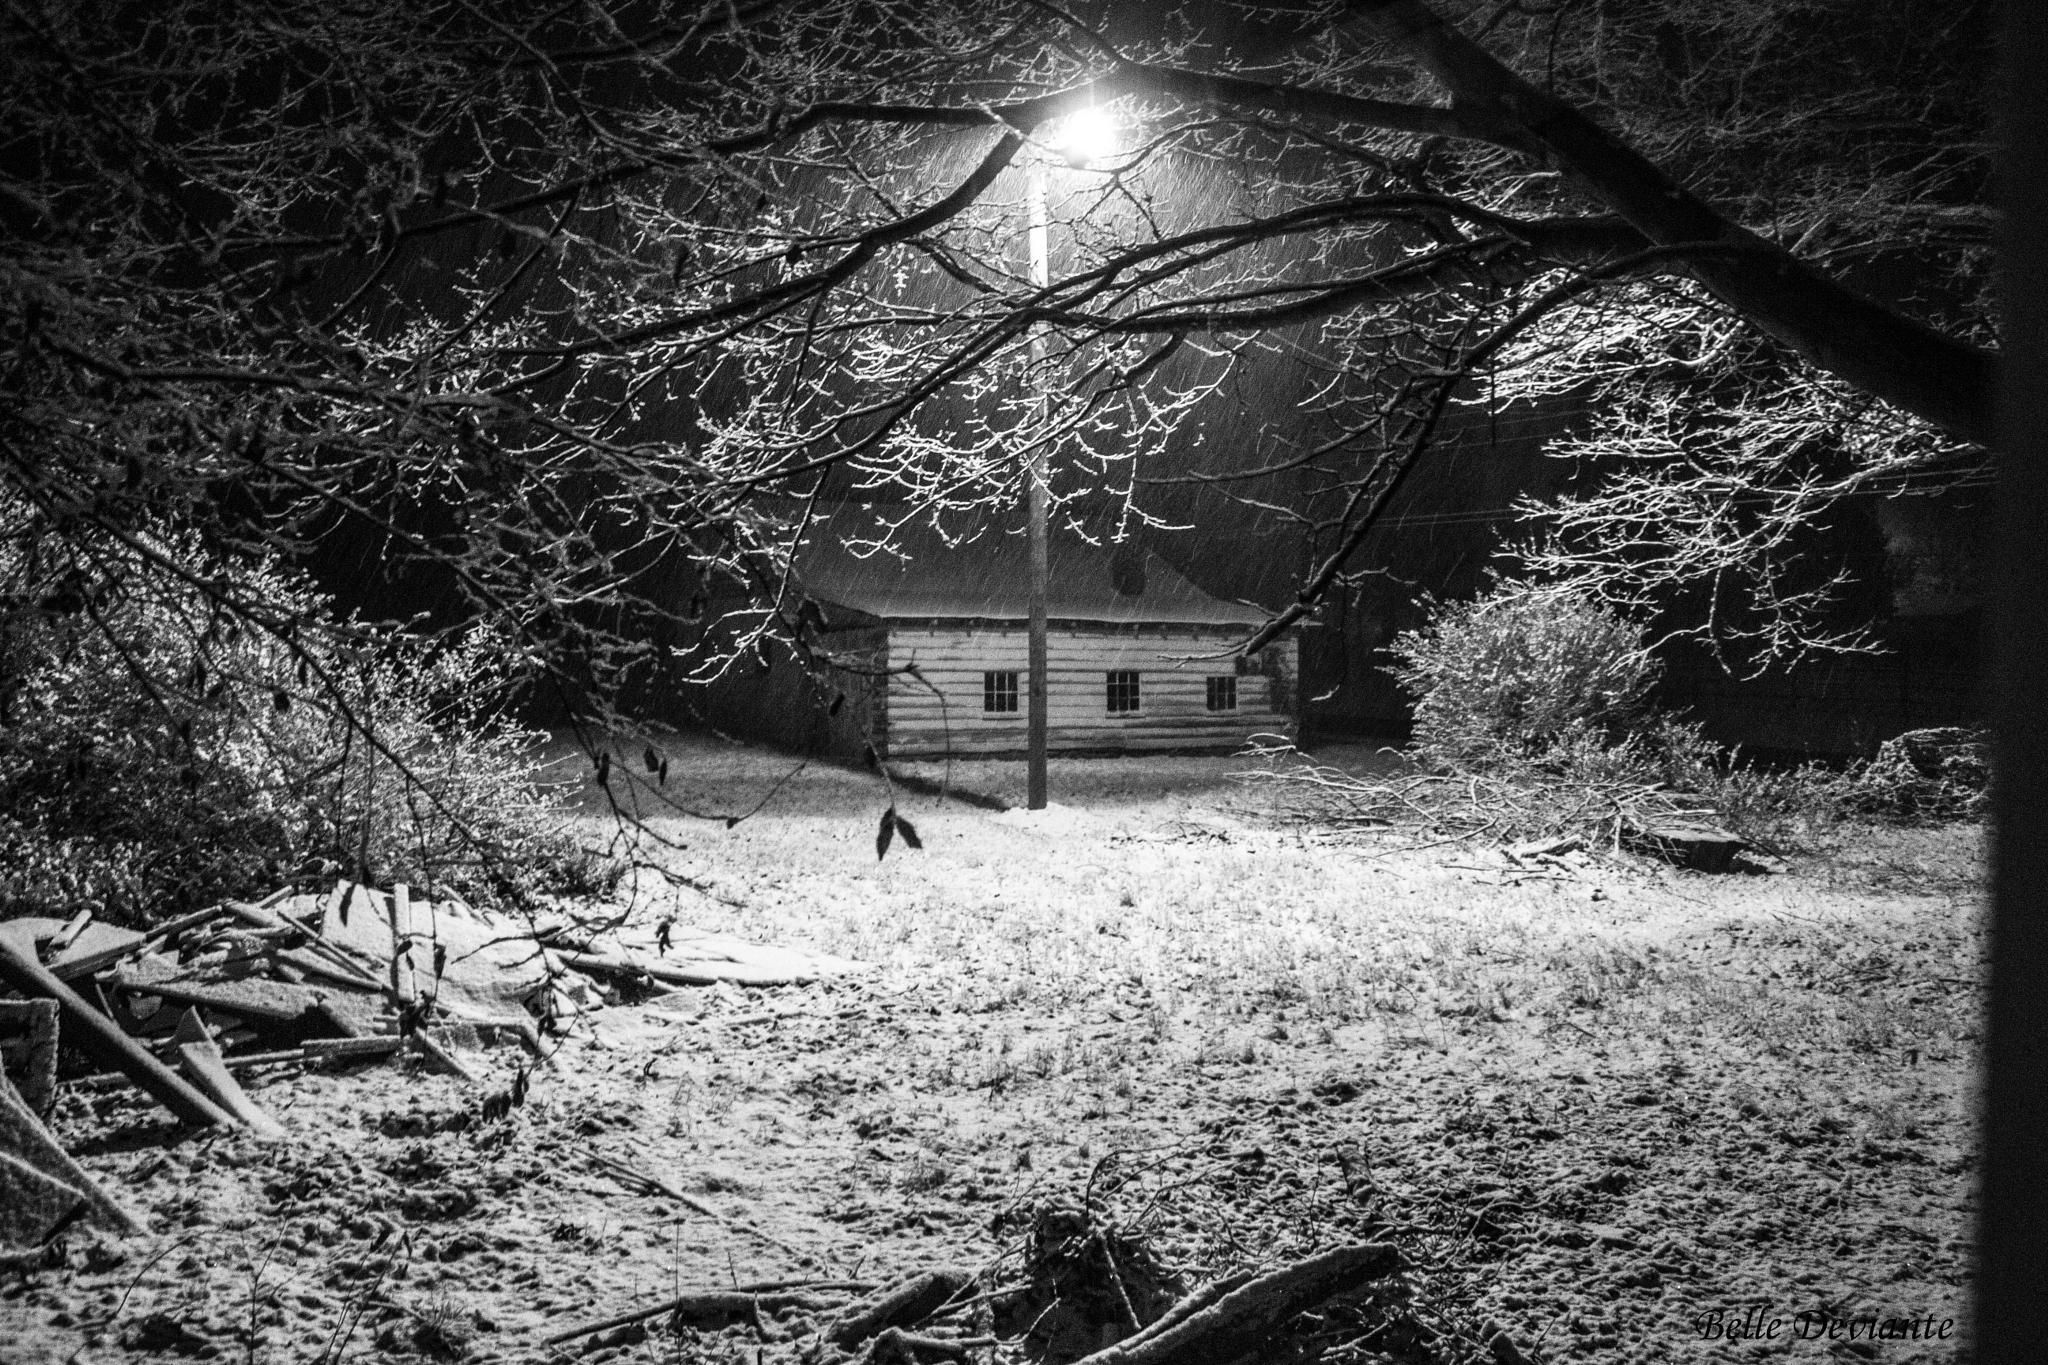 A Winters Tale by JanDavis336